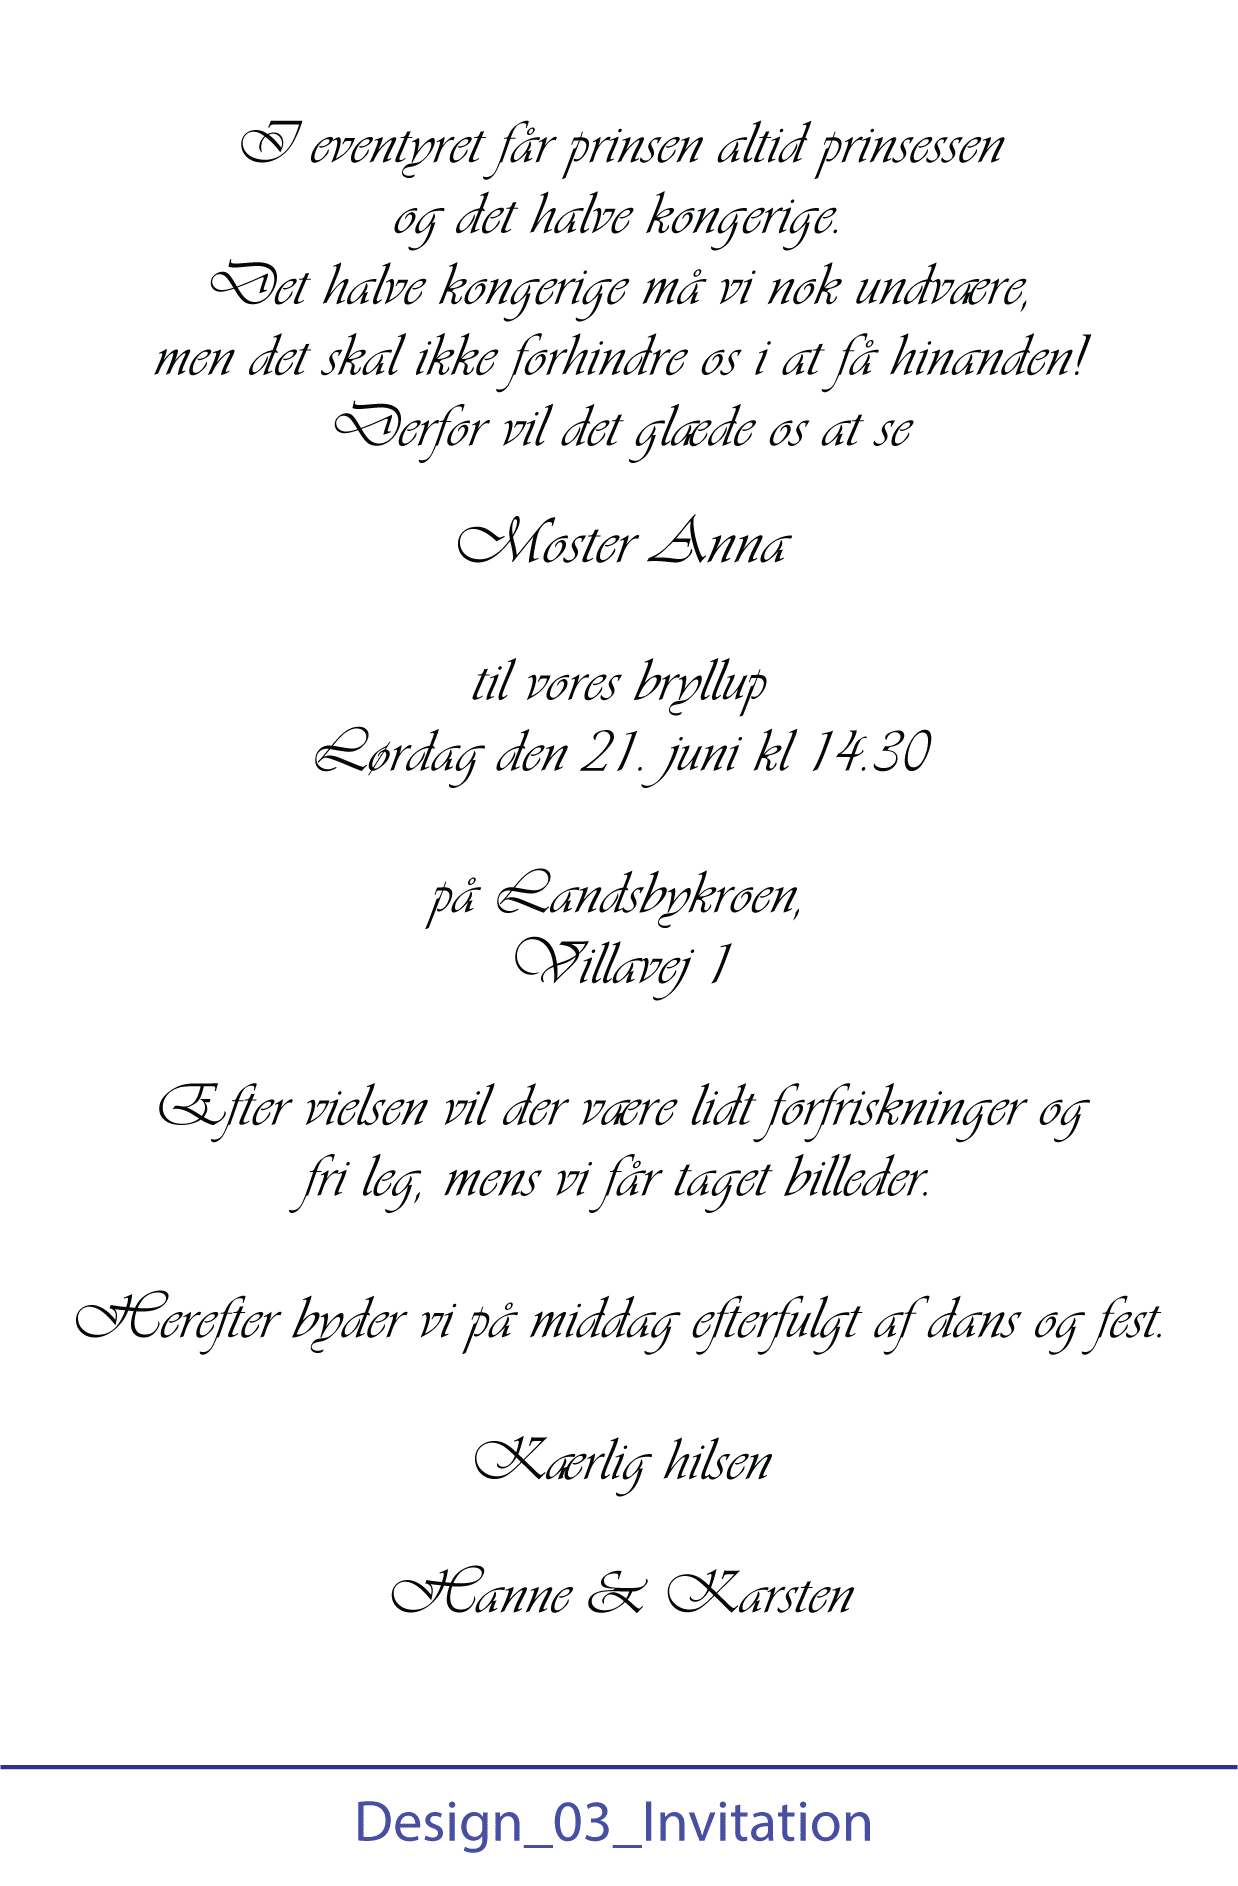 Opsætning af tekst til invitation - Design 03